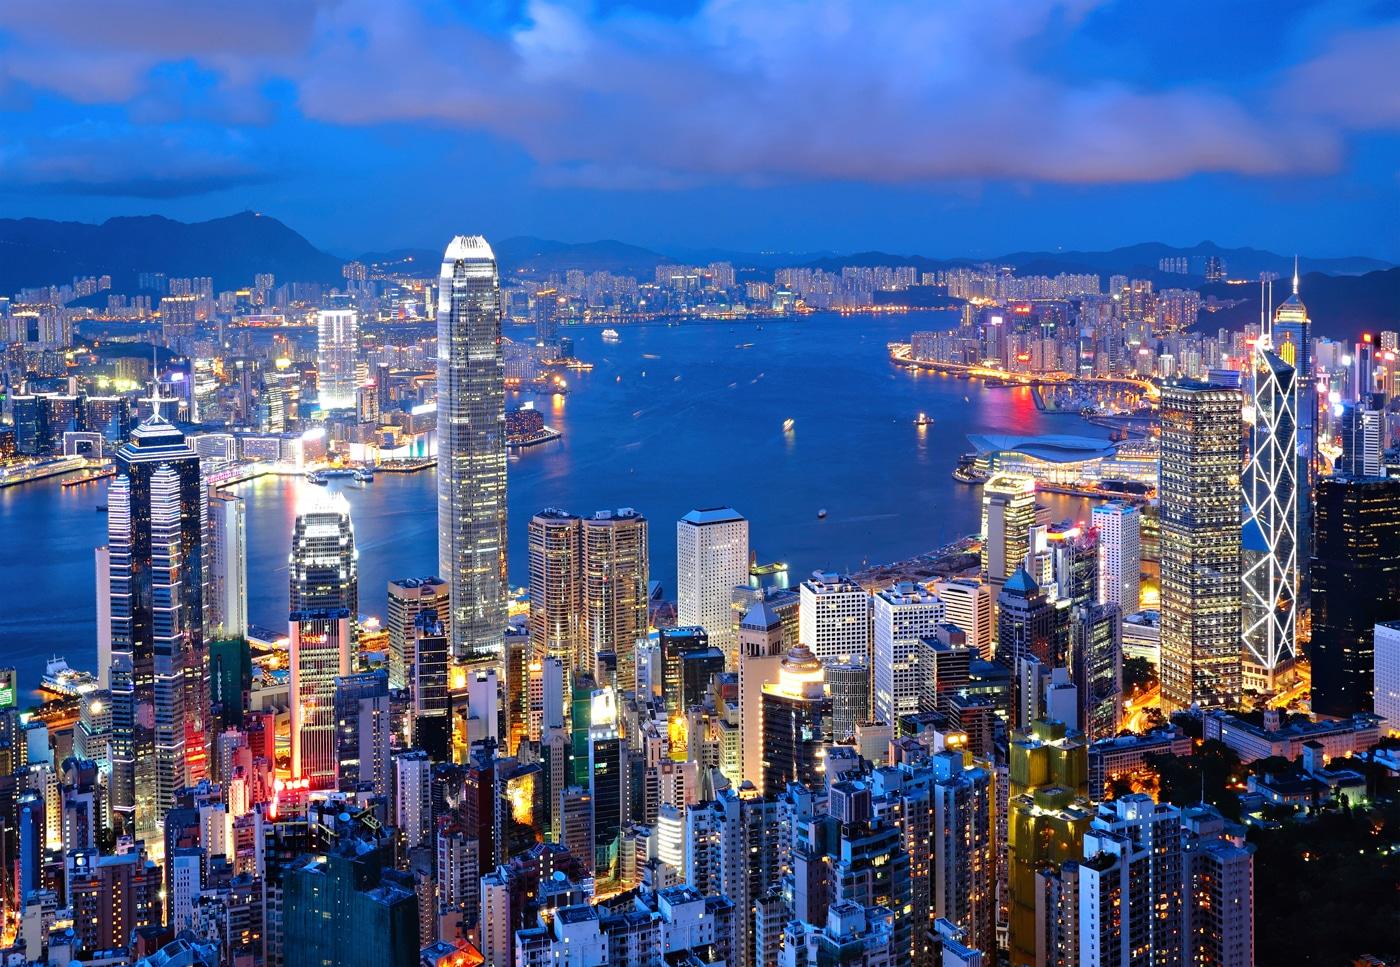 Hong Kong - Un oraș plin de viață